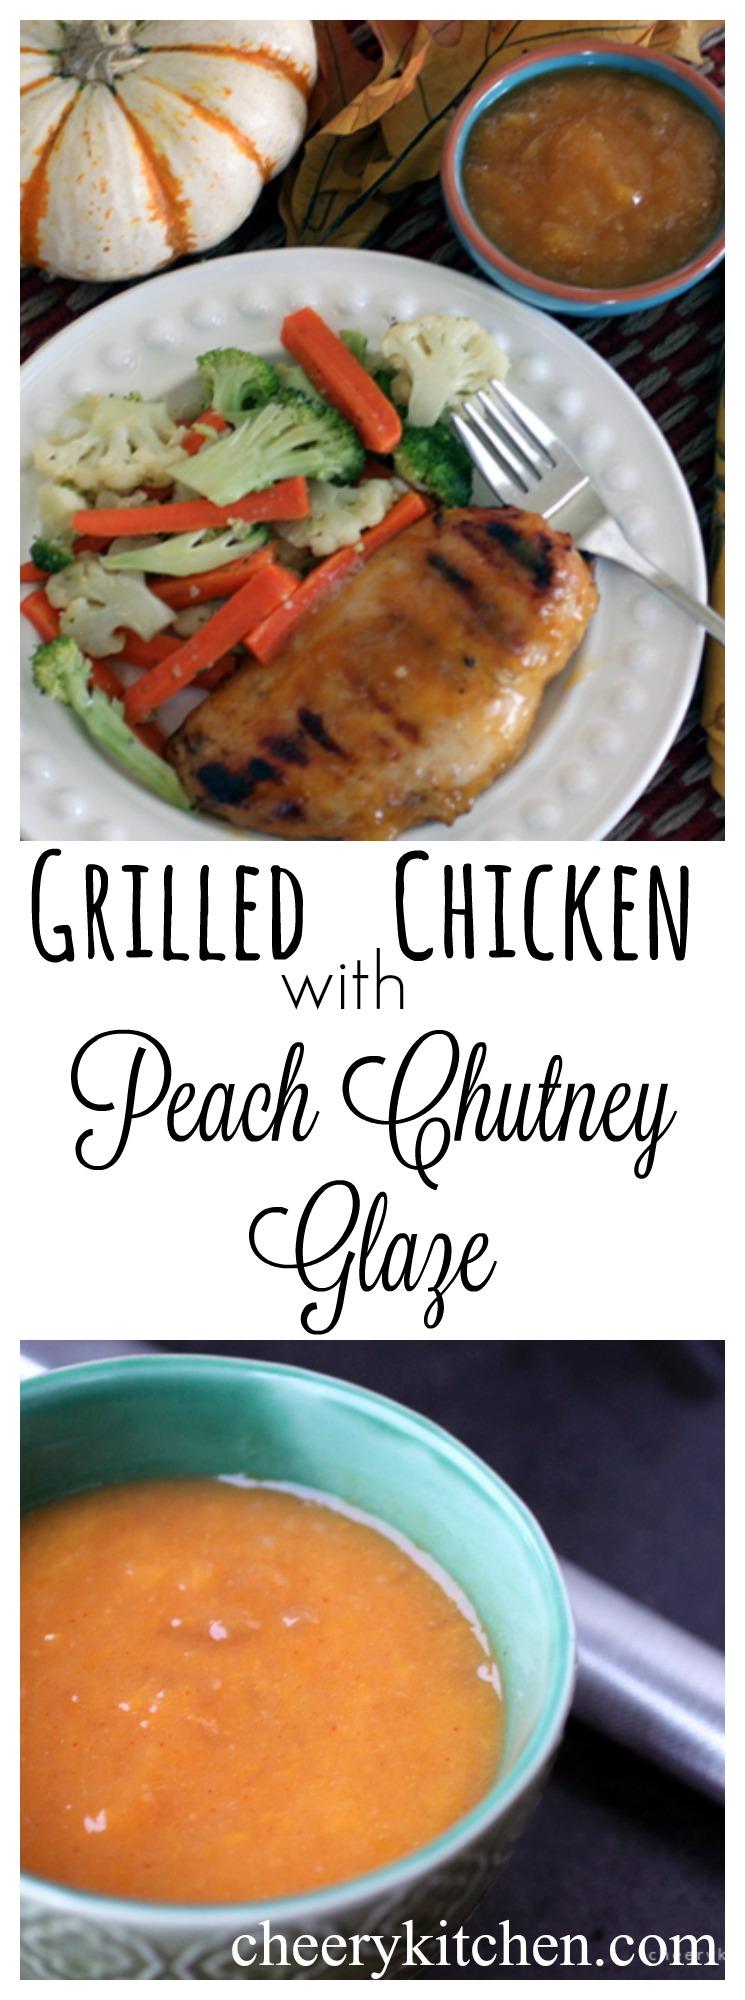 Grilled Chicken with Peach Chutney Glaze